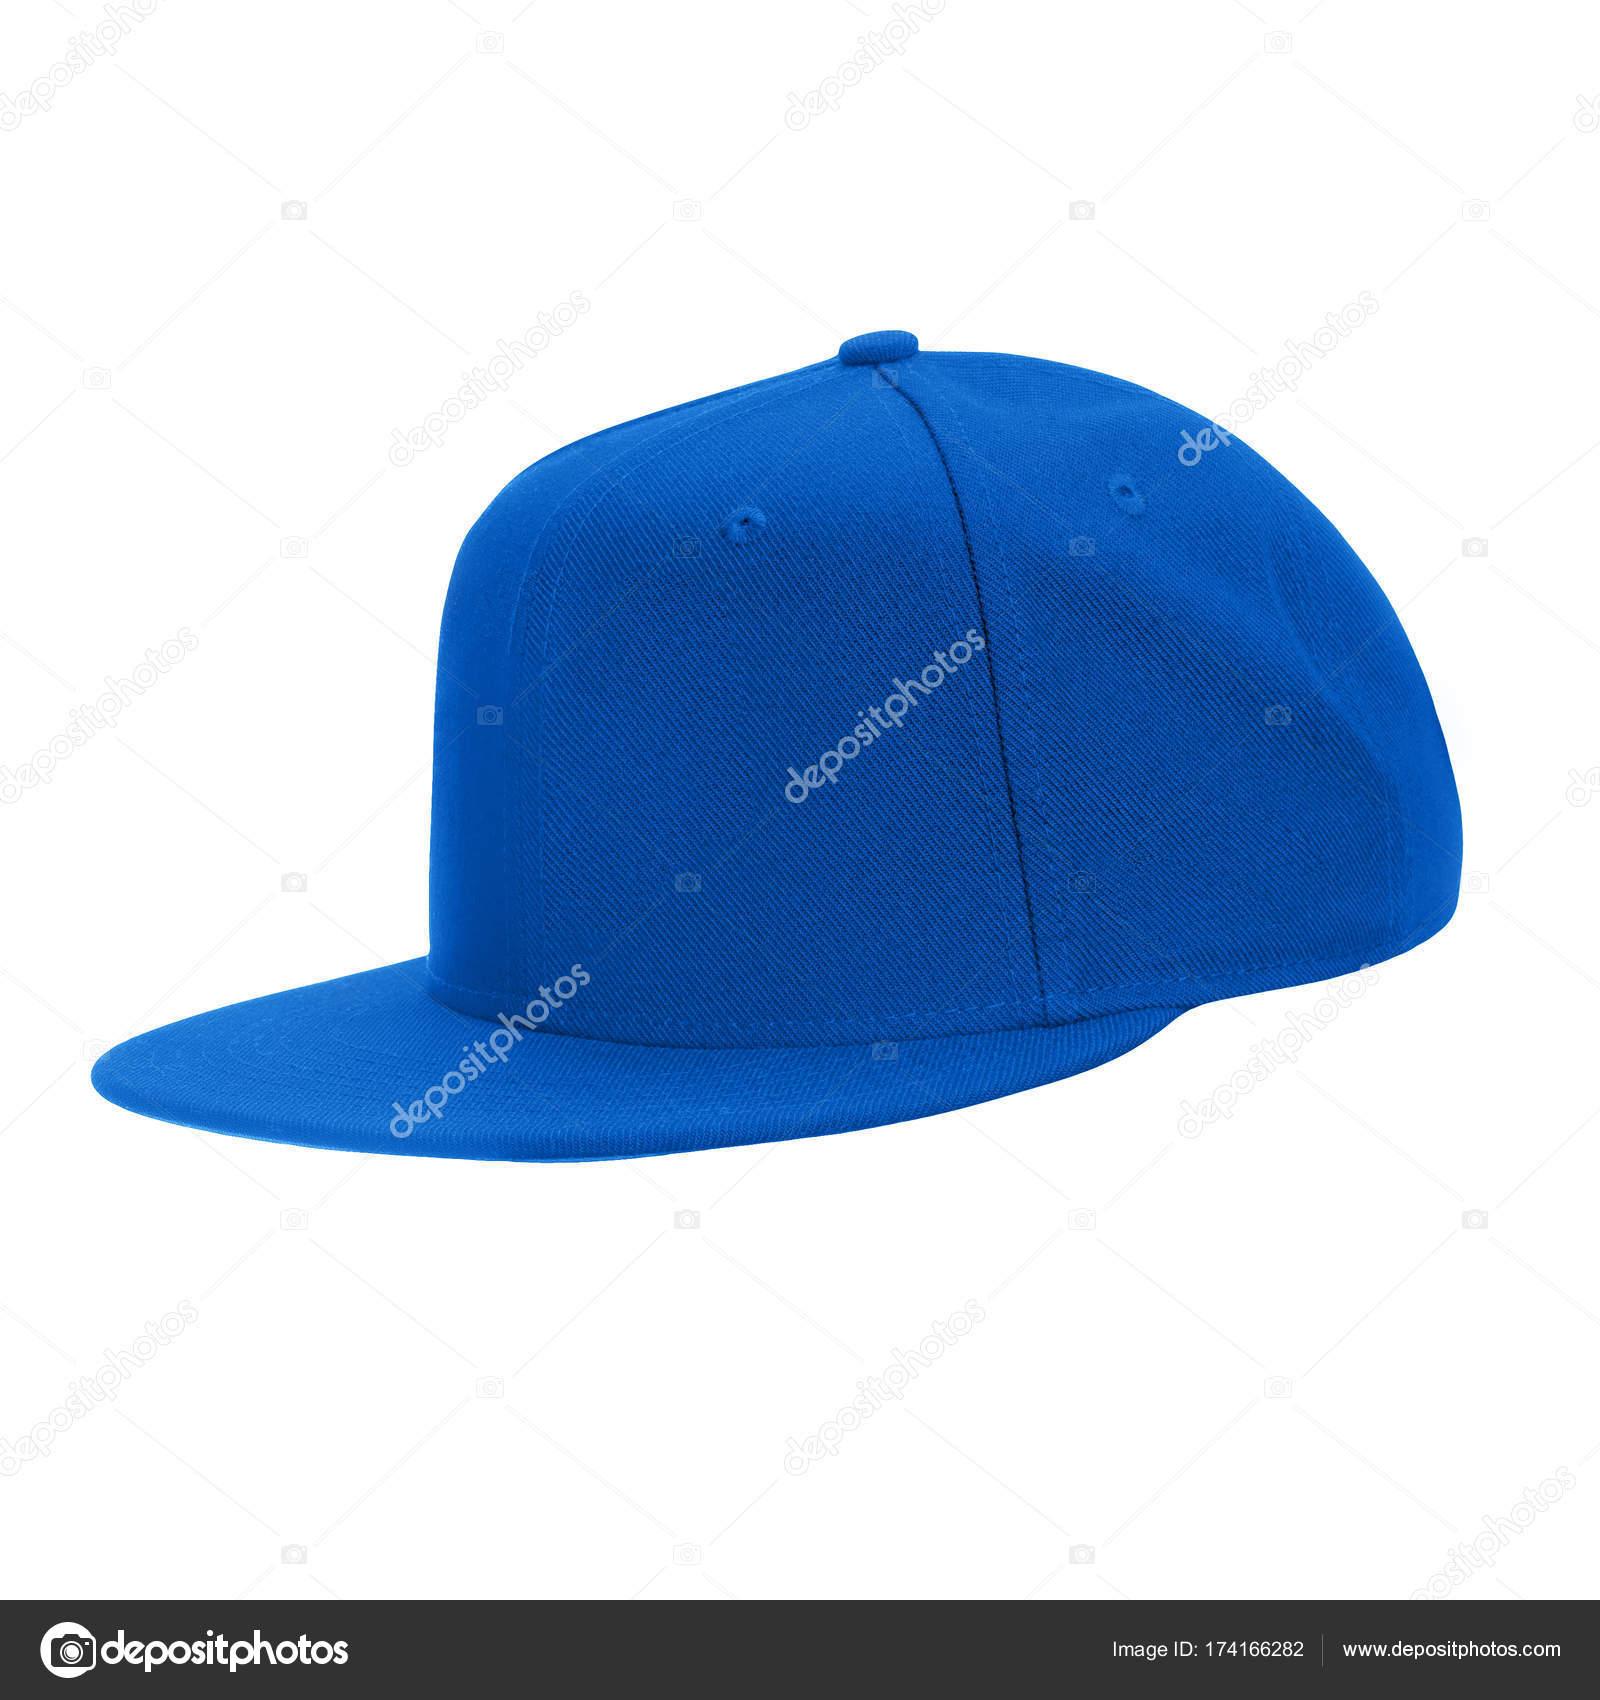 Modello per il berretto da baseball blu in bianco disegno isolato su  priorità bassa bianca con il percorso di residuo della potatura meccanica —  Foto di ... 74d6c640e33d